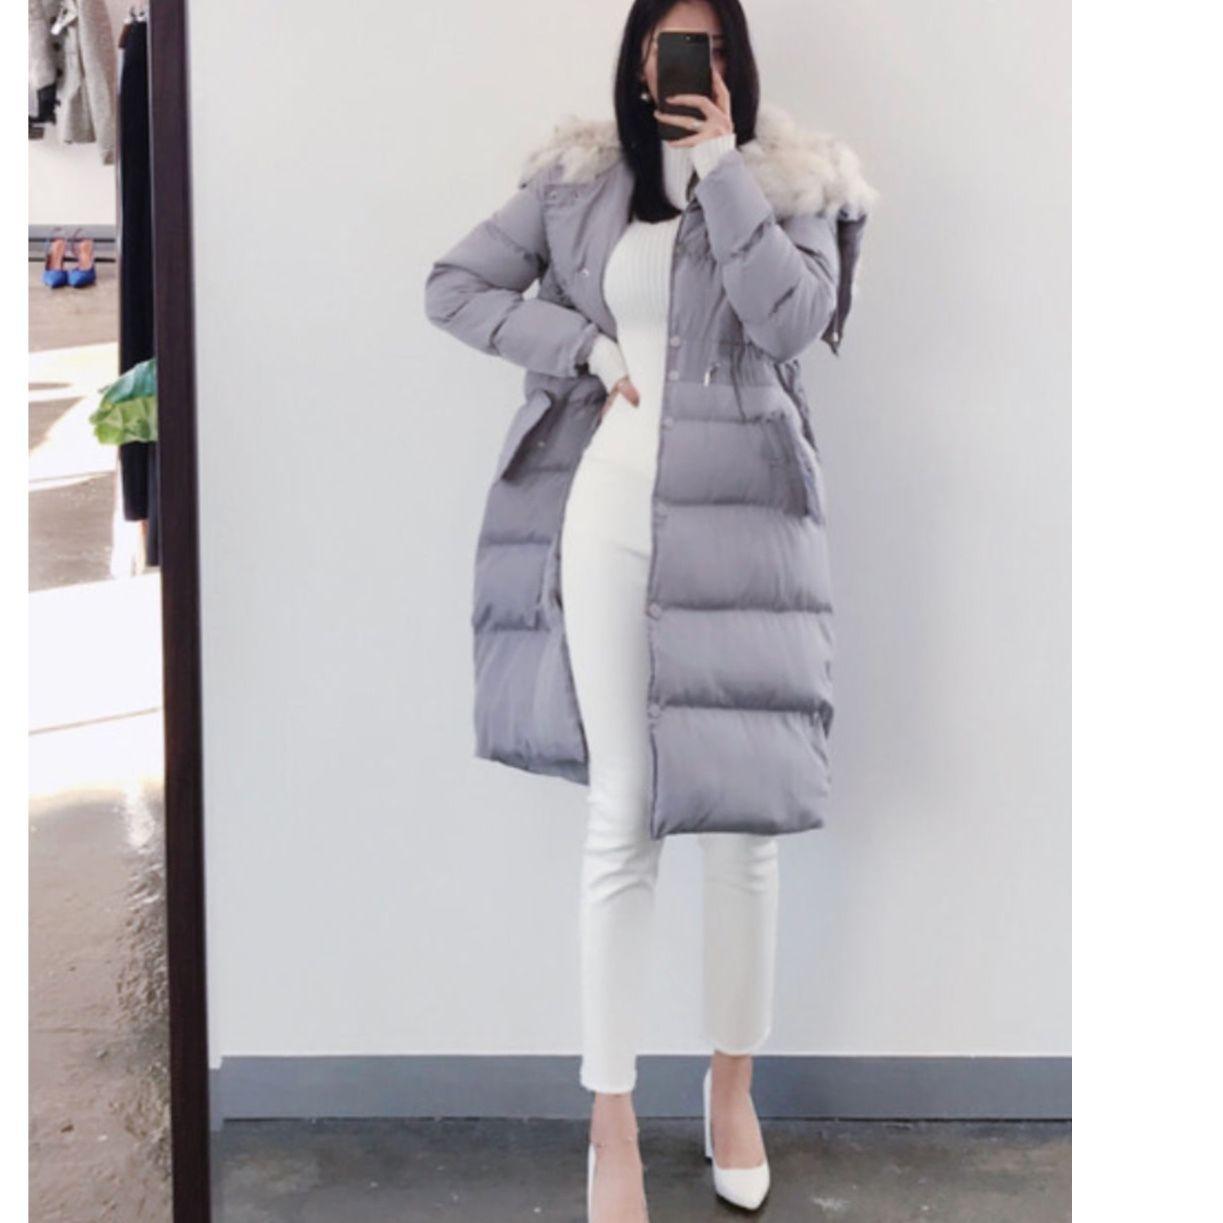 【12月9日までの限定価格!!】お顔映り華やかなREALフォックスファーフードコート【氷点下でも軽くて暖かい!】